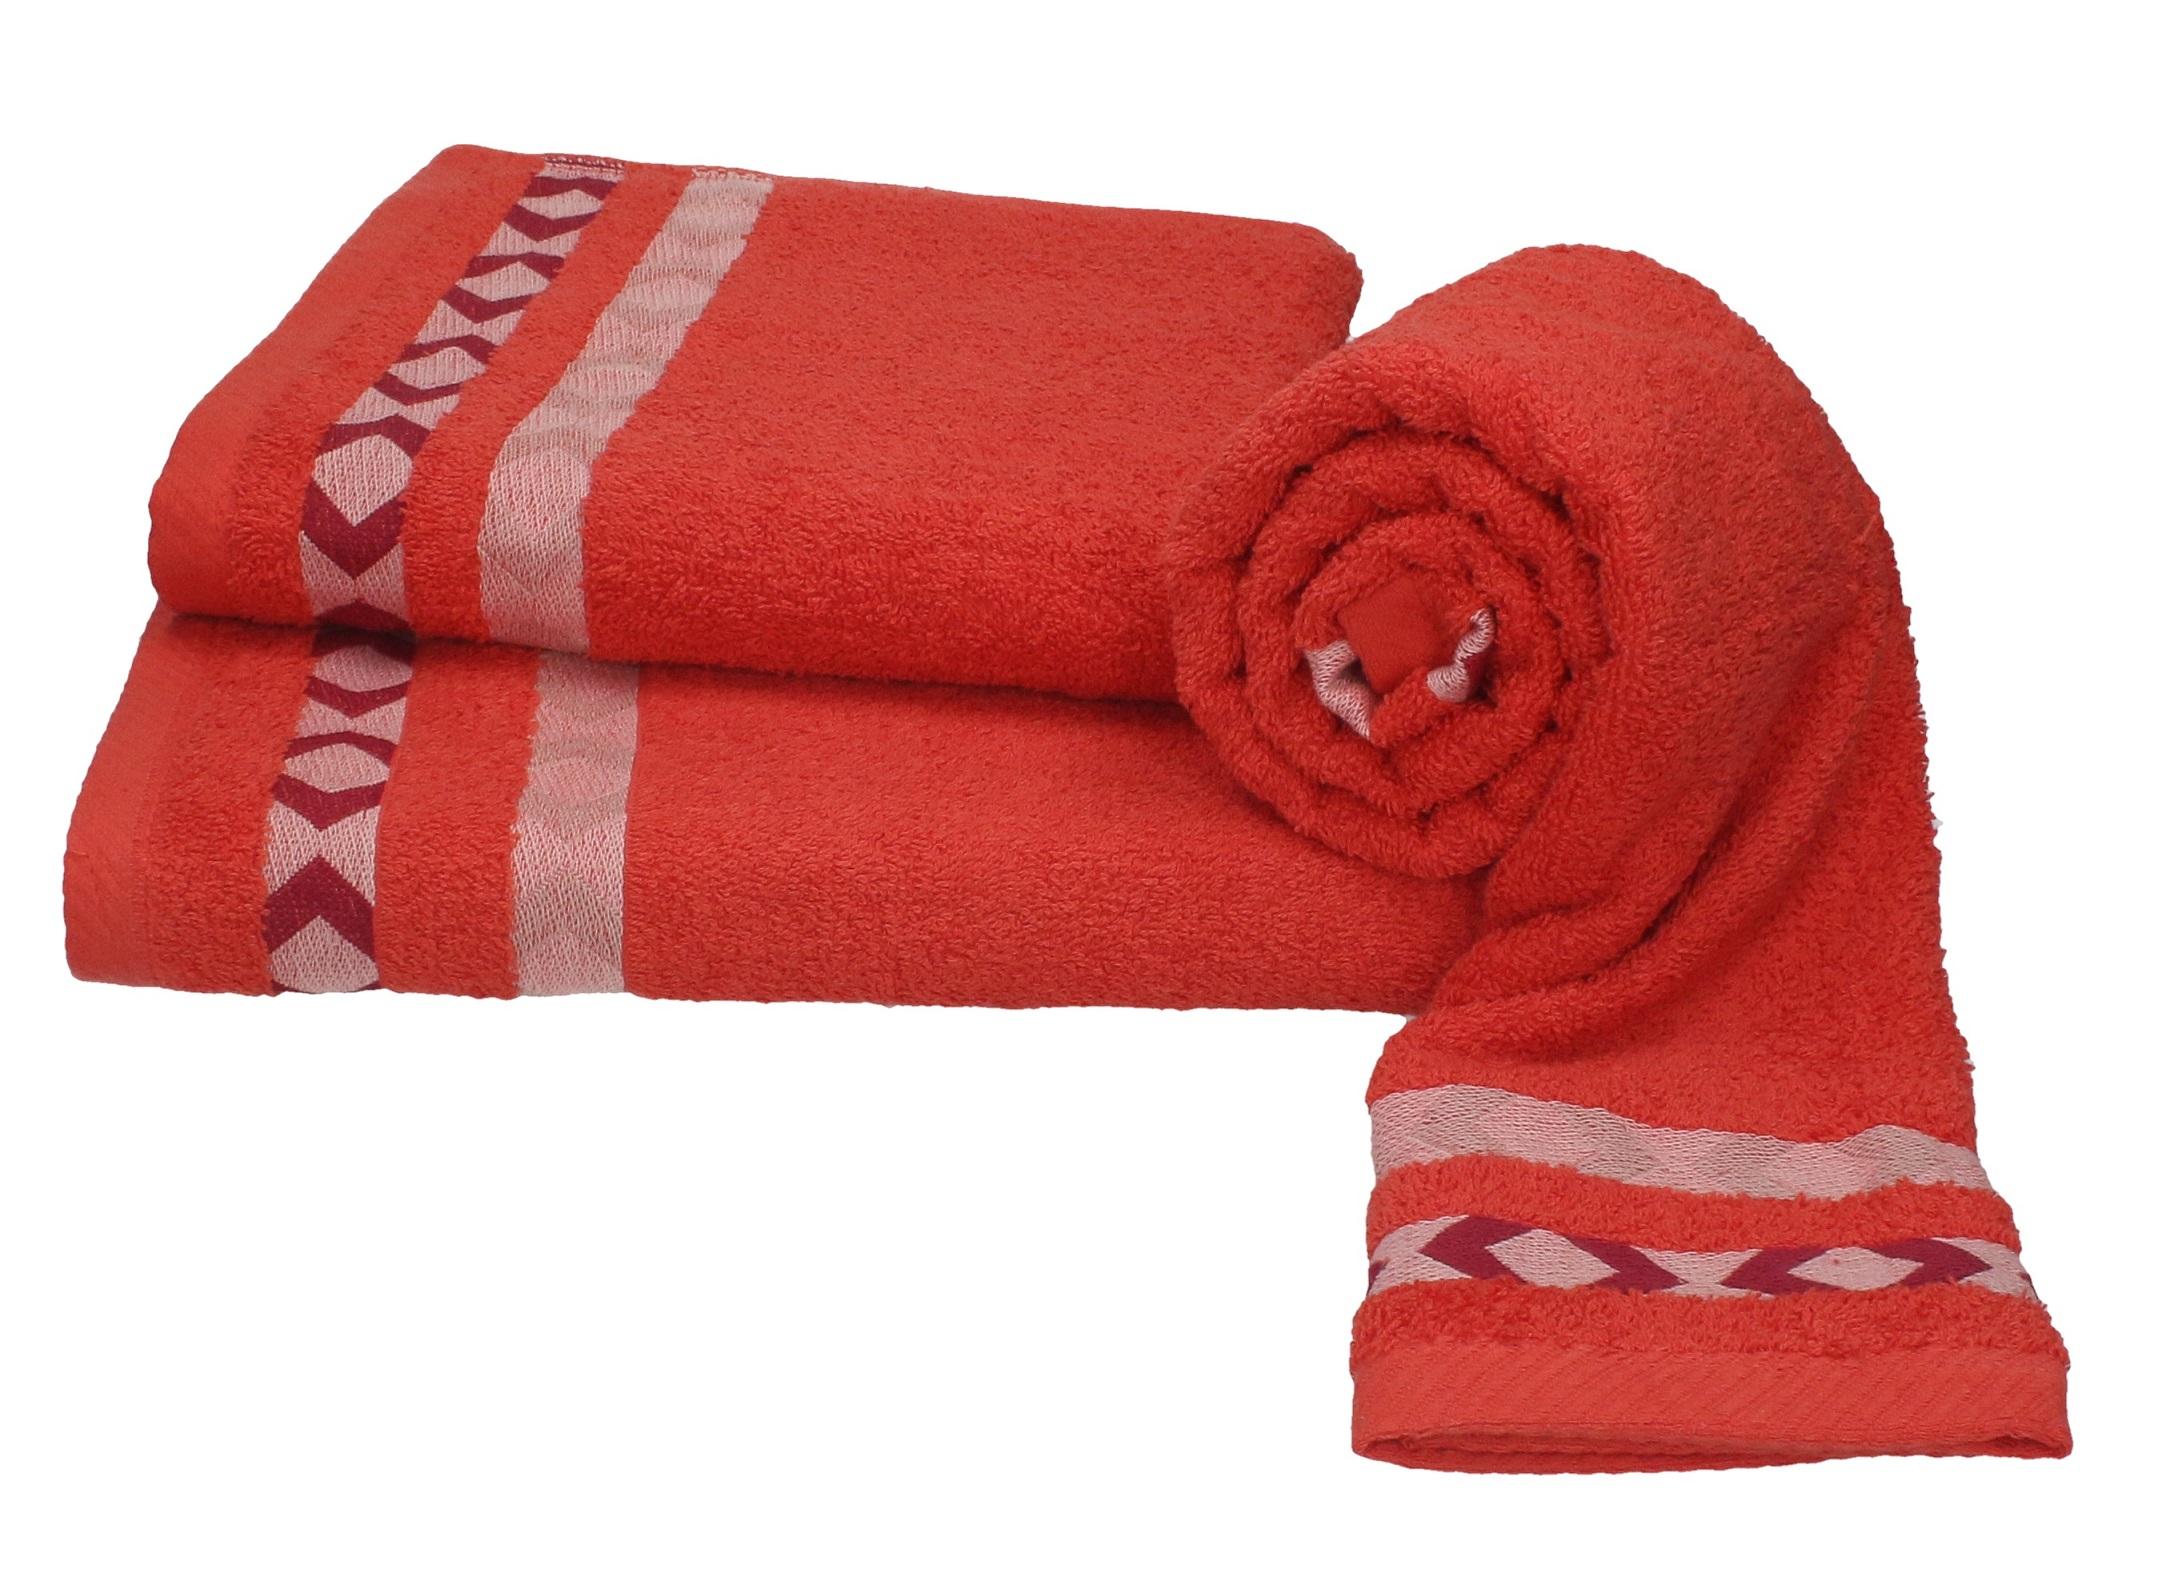 Betz 3 Tlg Handtuch Set Scotland 100 Baumwolle 1 Duschtuch 2